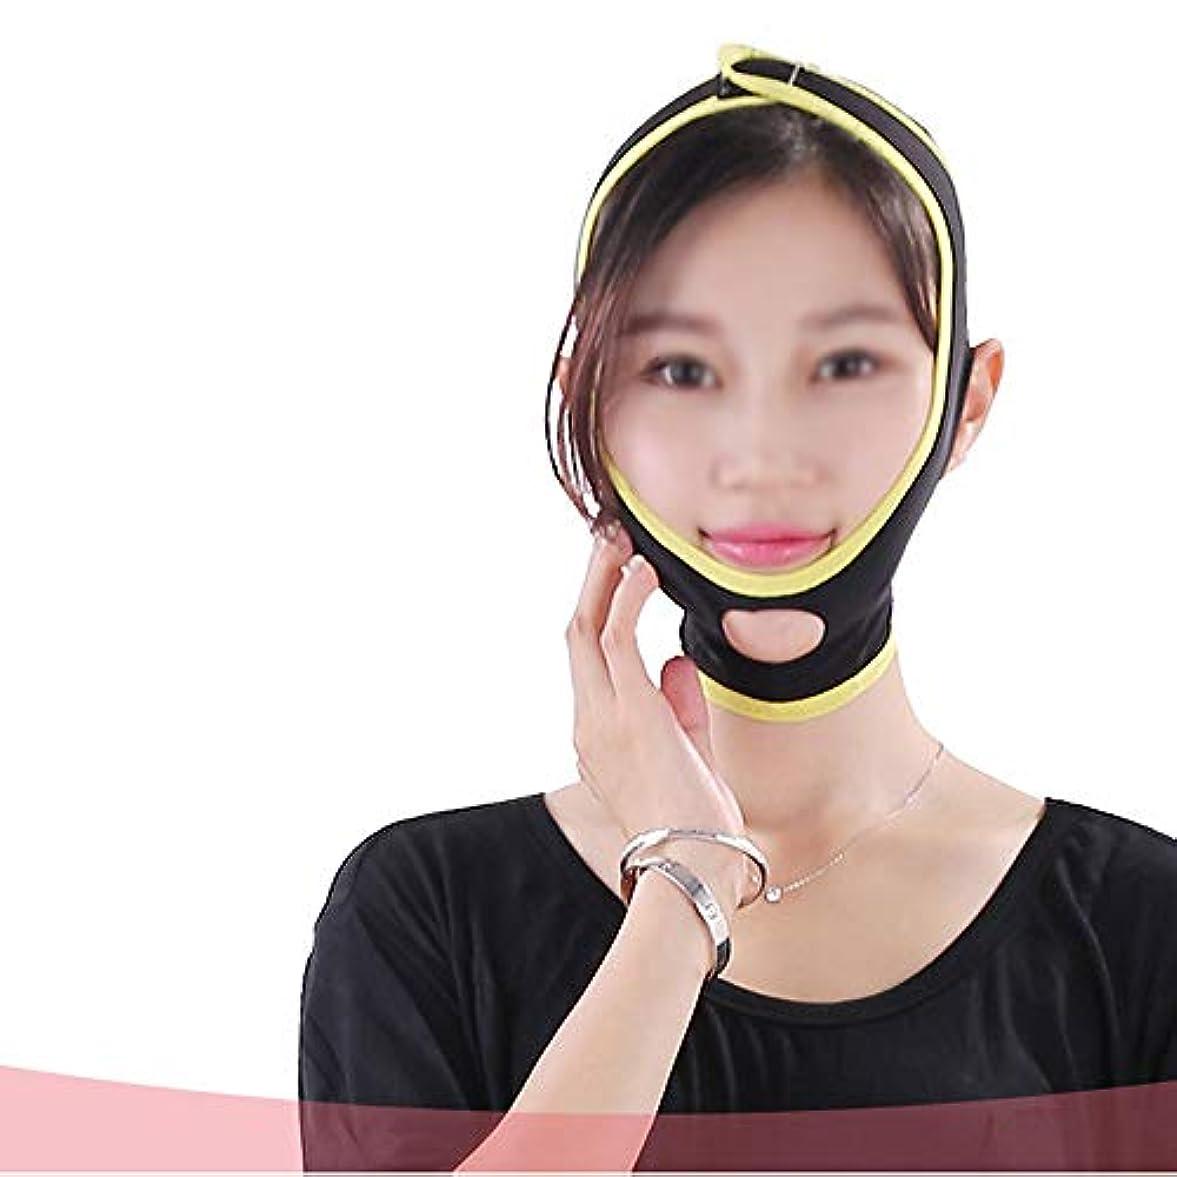 株式任命散文XHLMRMJ 通気性の睡眠のマスク、薄い顔の包帯の小さい表面Vの顔薄い顔の顔 (Color : M)